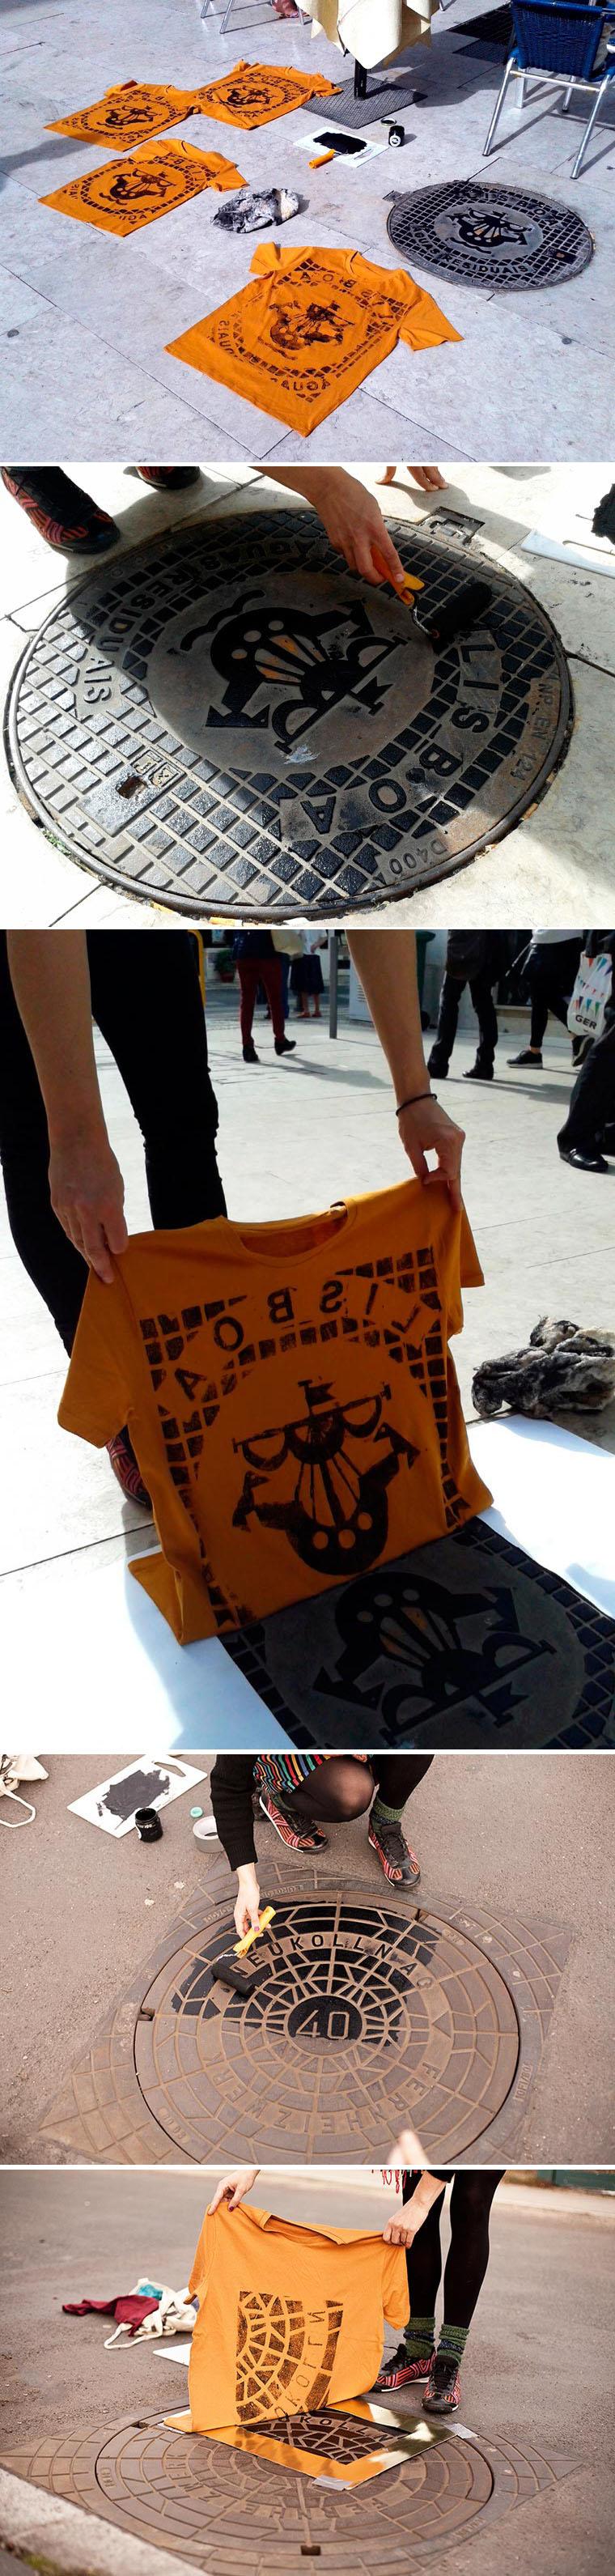 Coletivo de serigrafia utiliza tampas de bueiros para estampar roupas e bolsas stylo urbano-1